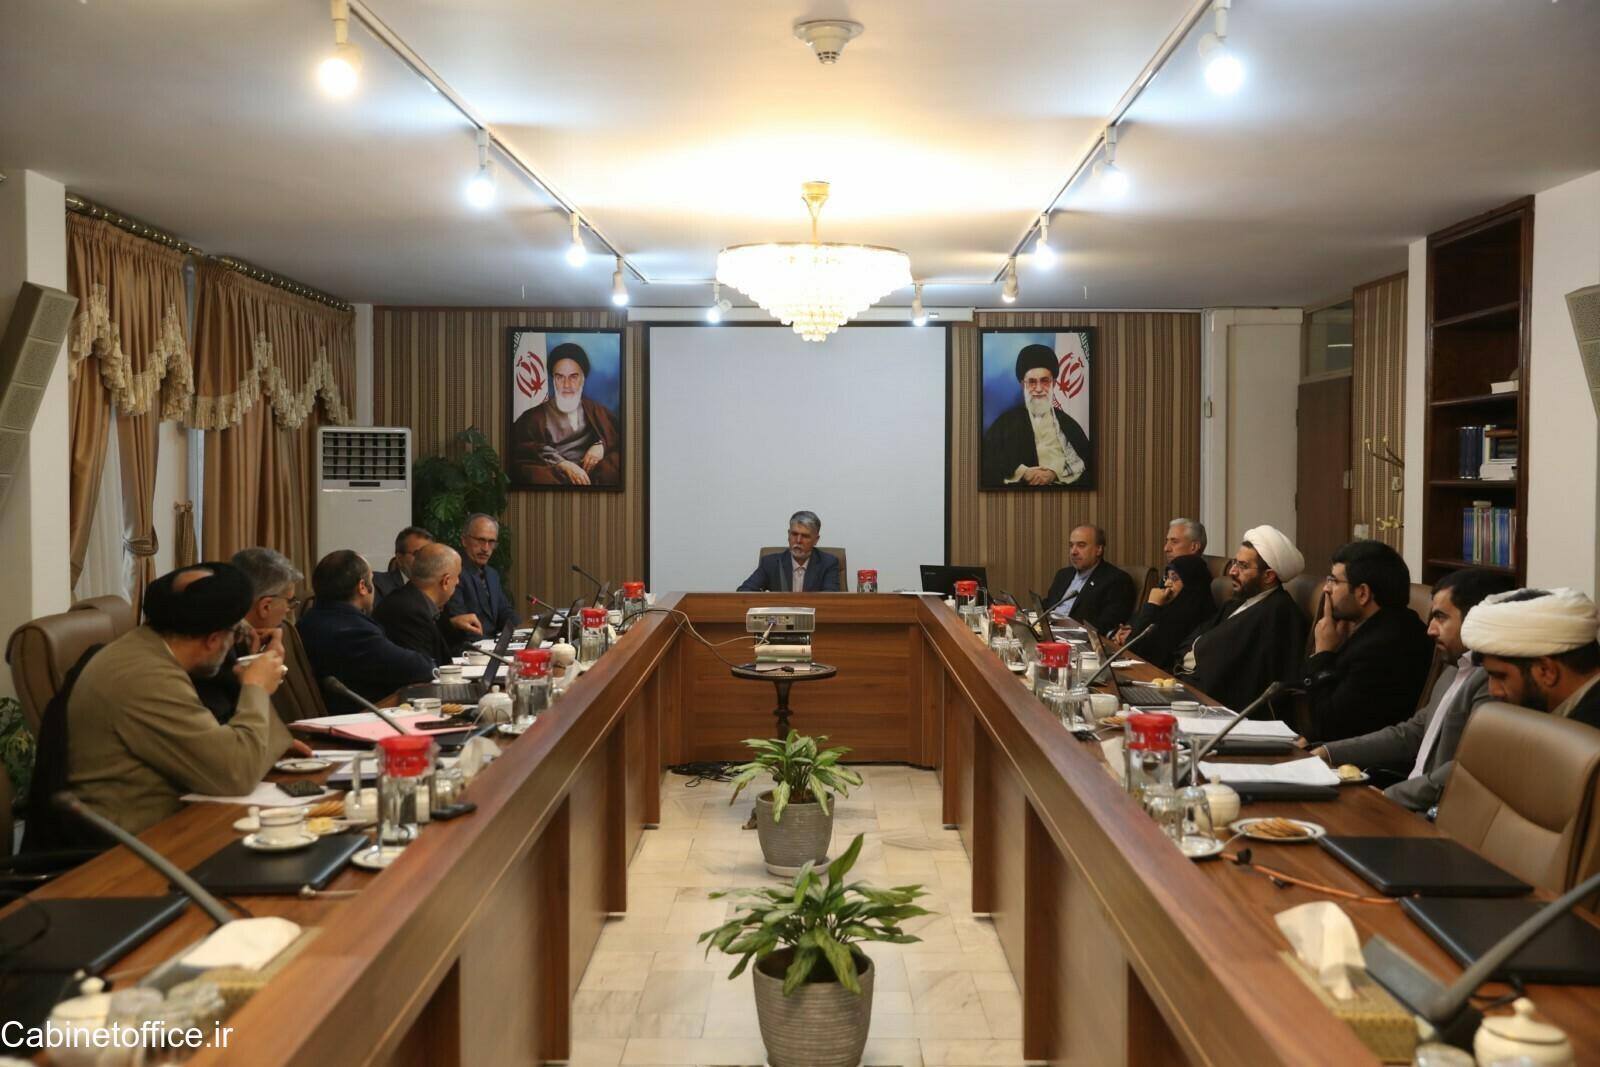 گزارش پژوهشی اثربخشی فعالیتهای فرهنگی و قرآنی سازمان اوقاف و امور خیریه بررسی شد